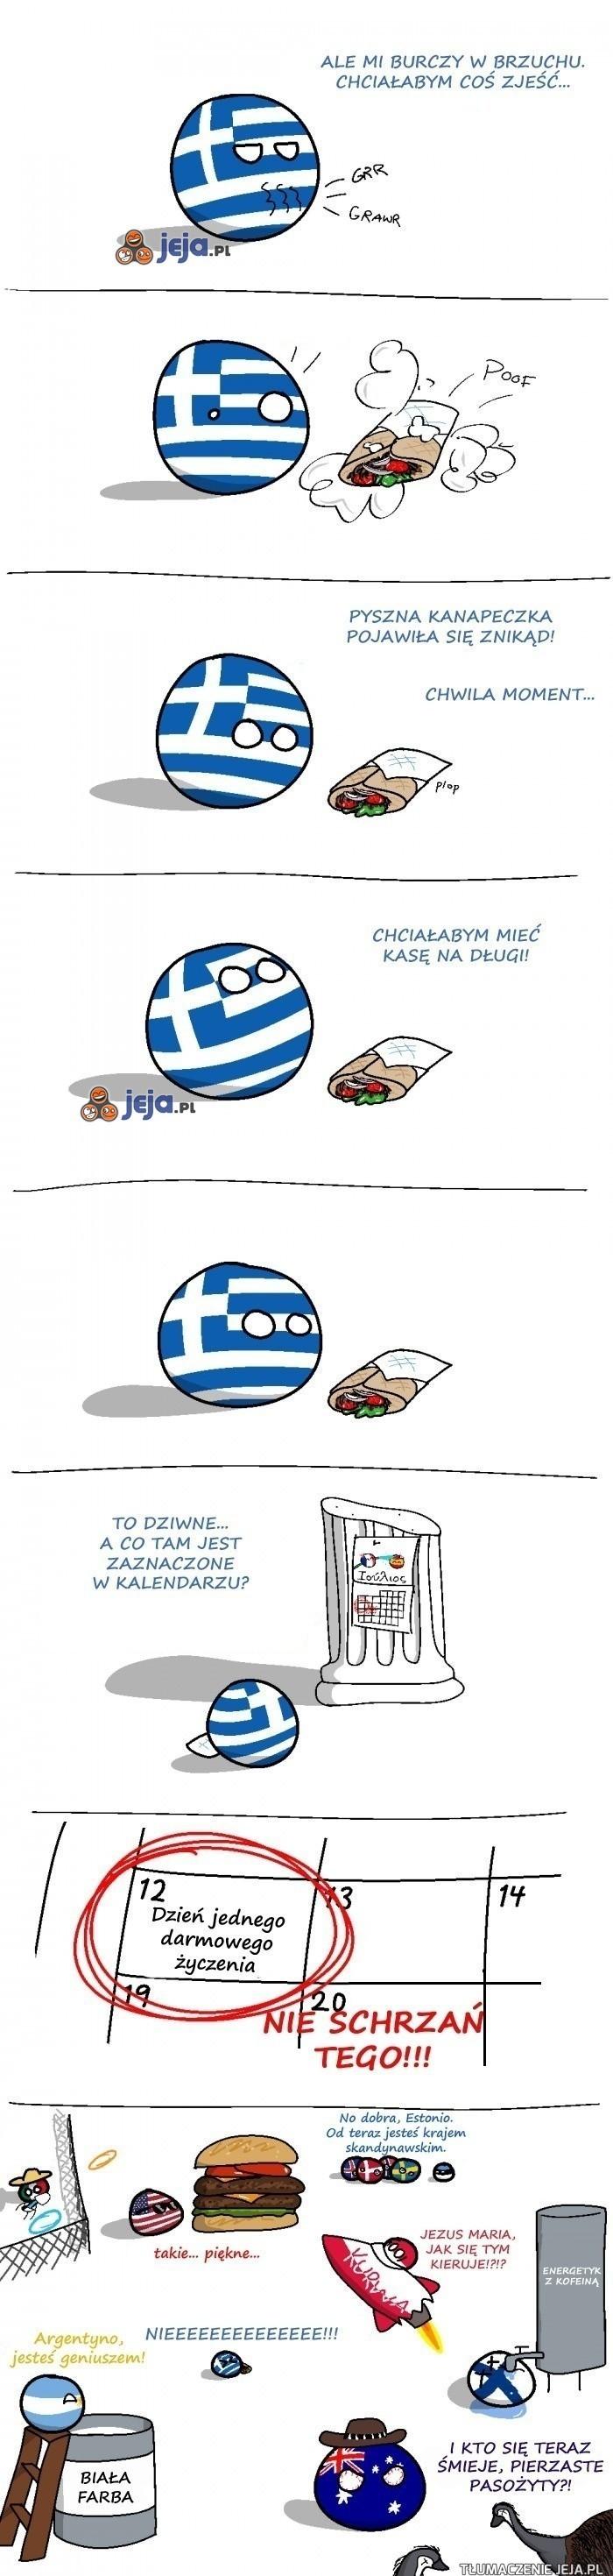 Wielkie greckie życzenie